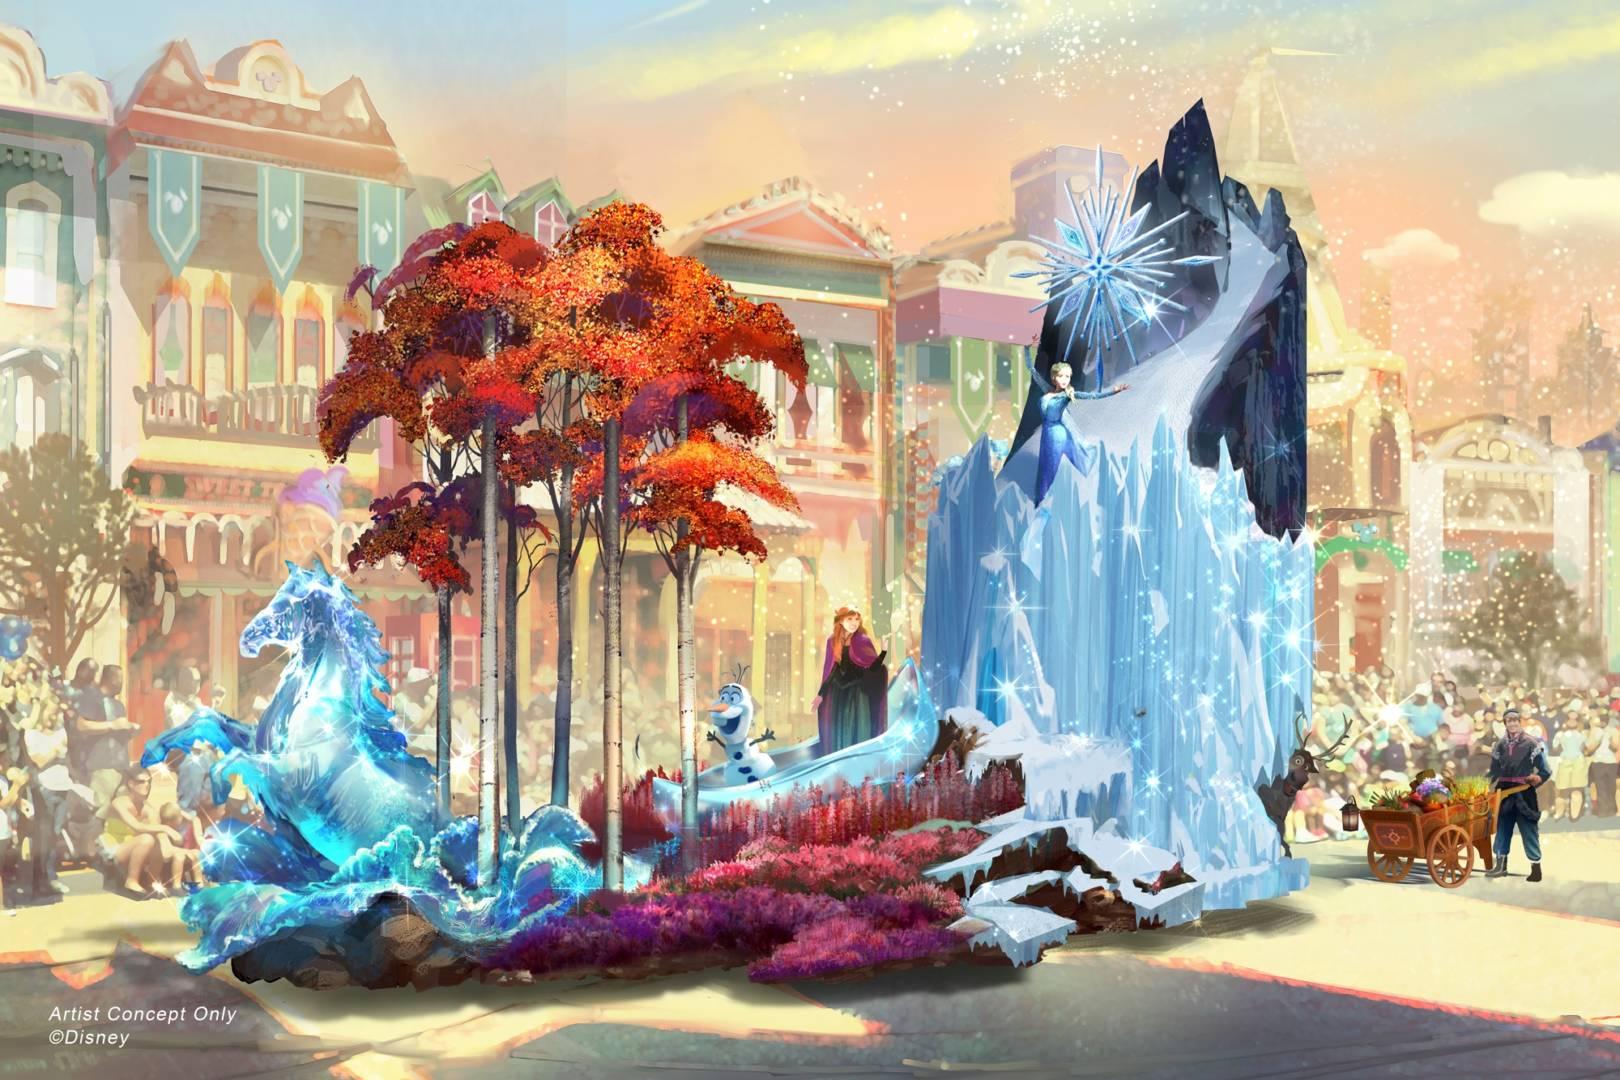 """New """"Magic Happens"""" Parade Gets Real at Disneyland"""